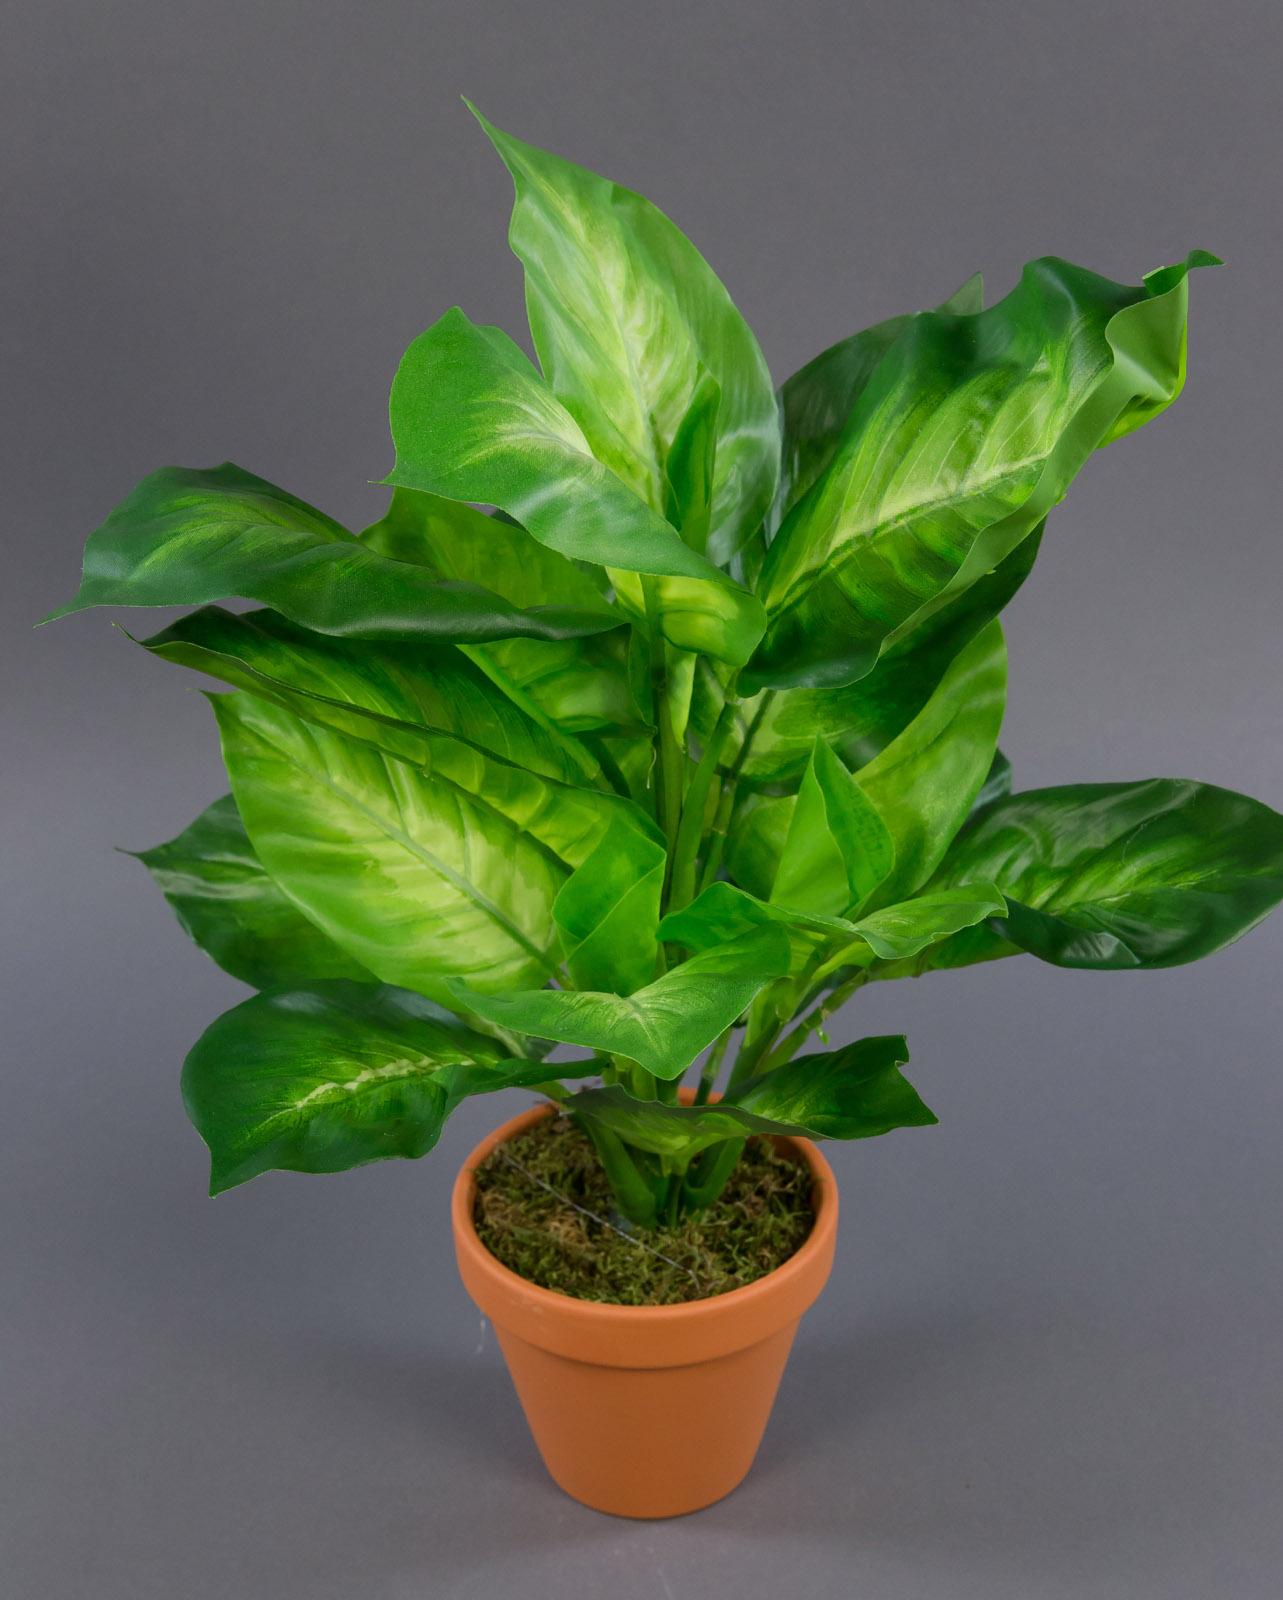 dieffenbachia gold natural touch 42cm ga kunstpflanzen k nstliche pflanzen ebay. Black Bedroom Furniture Sets. Home Design Ideas